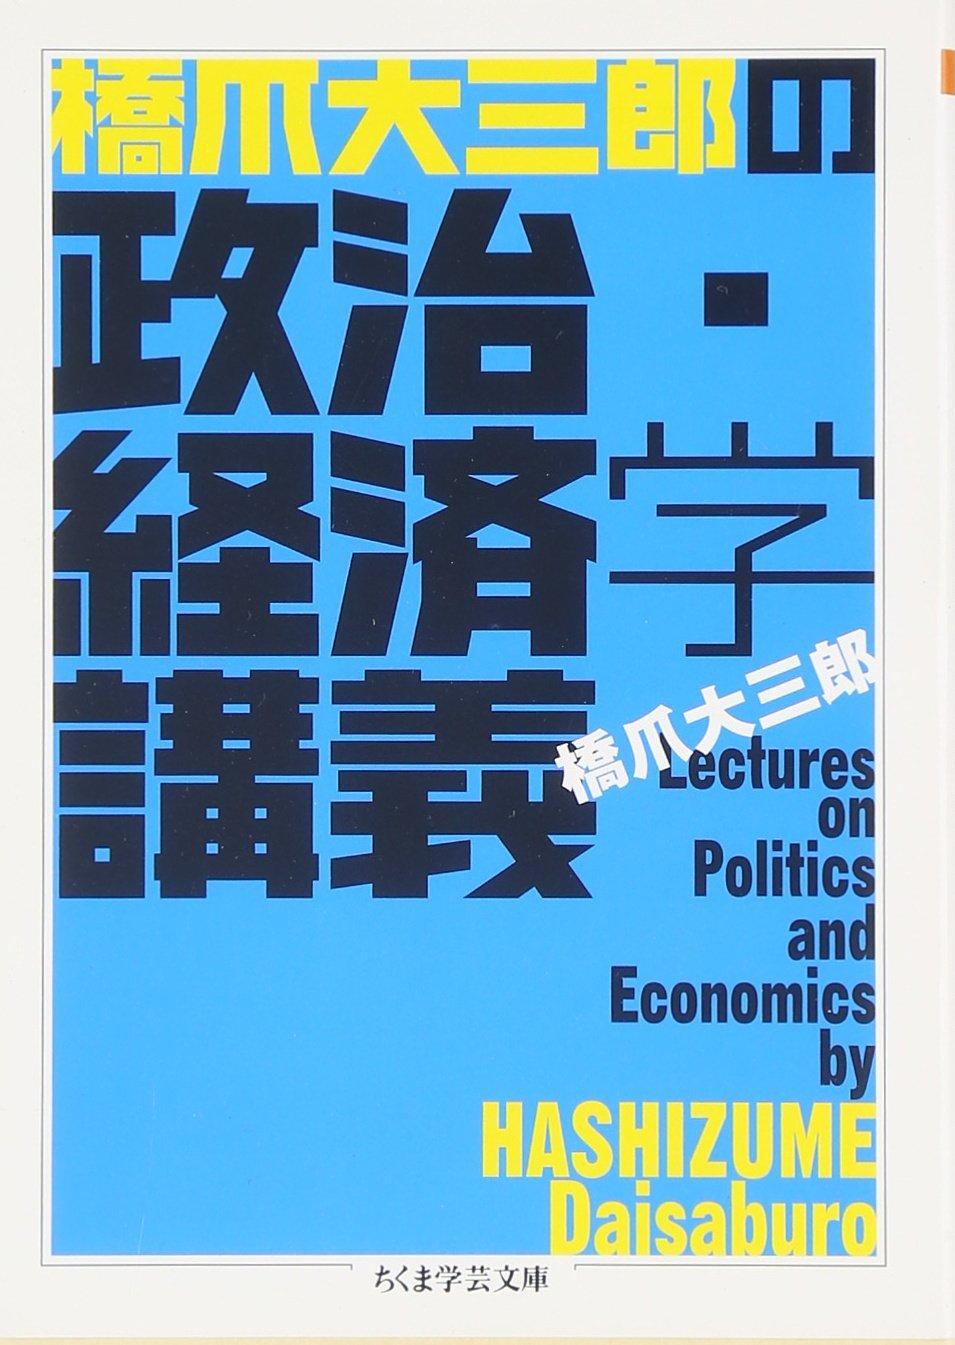 Download Hashizume daisaburō no seiji keizaigaku kōgi pdf